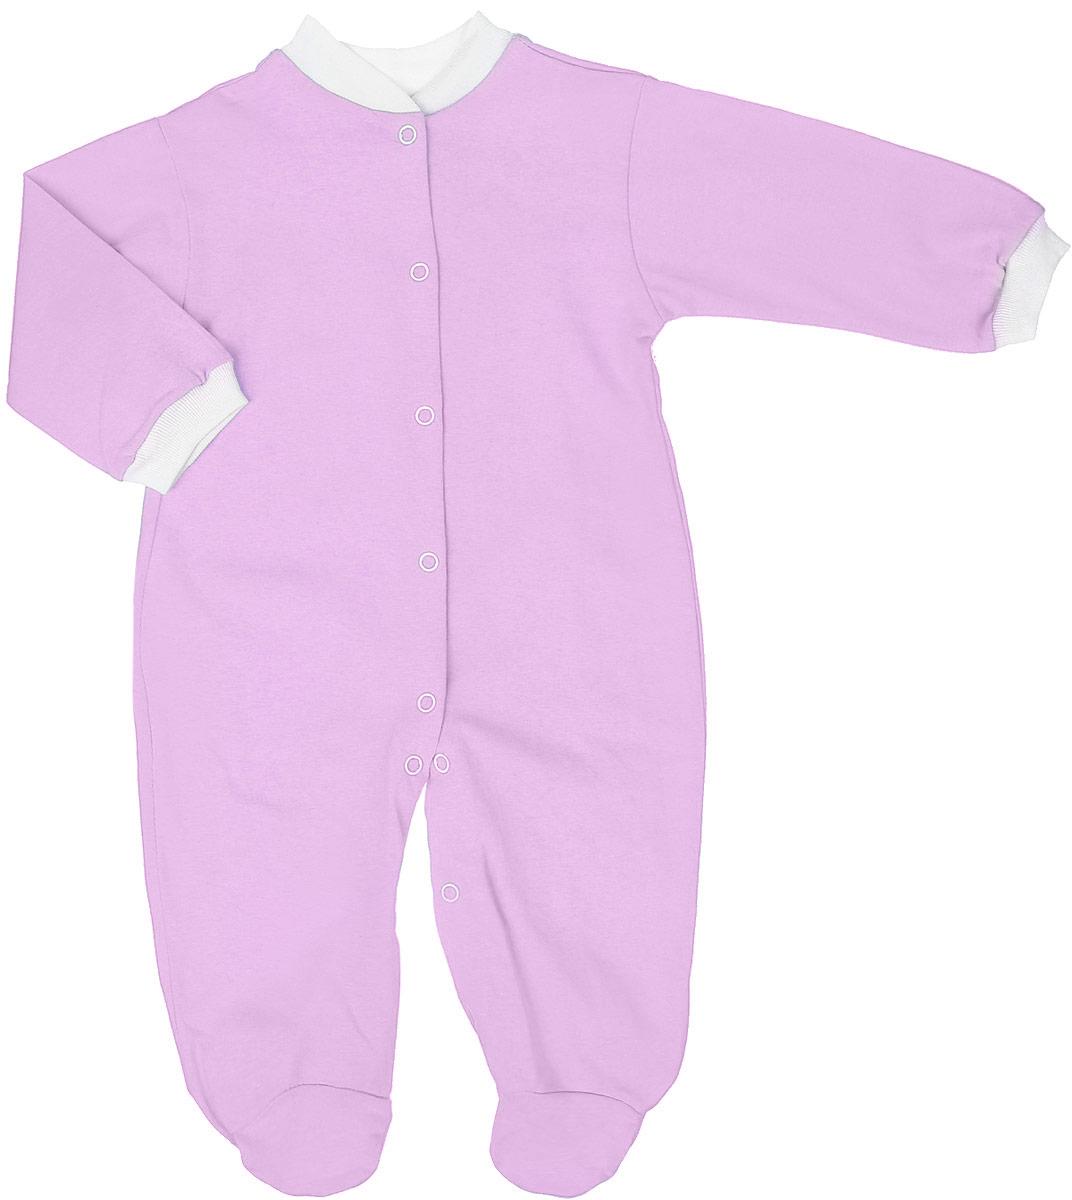 Комбинезон детский Чудесные одежки, цвет: розовый. 5801. Размер 865801Удобный детский комбинезон Чудесные одежки выполнен из натурального хлопка.Комбинезон с небольшим воротничком-стойкой, длинными рукавами и закрытыми ножками имеет застежки-кнопки спереди и на ластовице, которые помогают легко переодеть младенца или сменить подгузник. Воротничок и манжеты на рукавах выполнены из трикотажной эластичной резинки. Изделие оформлено в лаконичном дизайне.